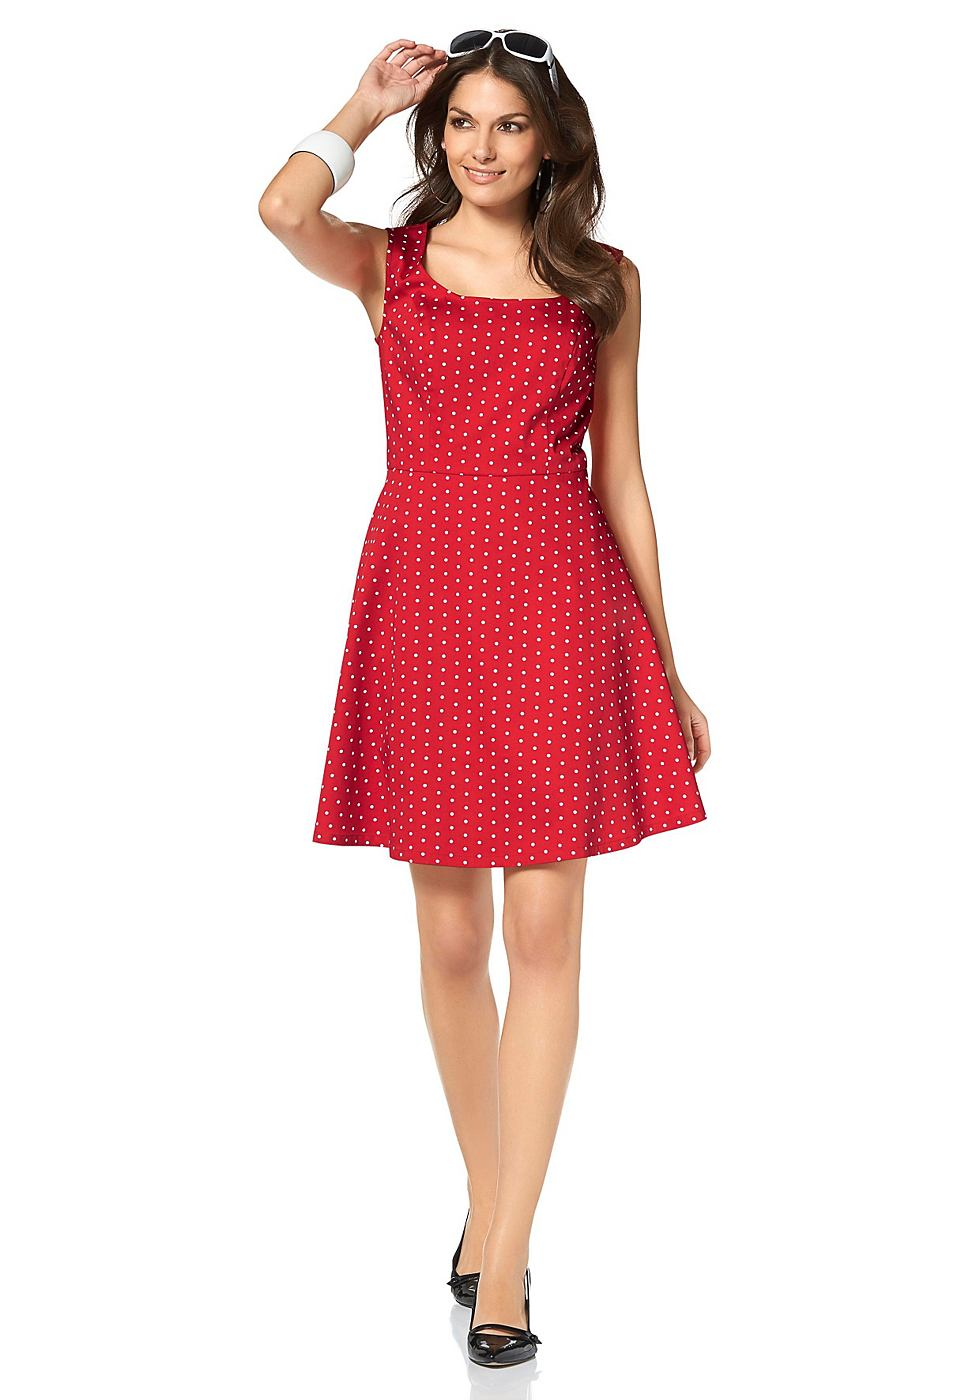 Vivance Collection Mouwloze jurk in A-lijn met ronde hals rood